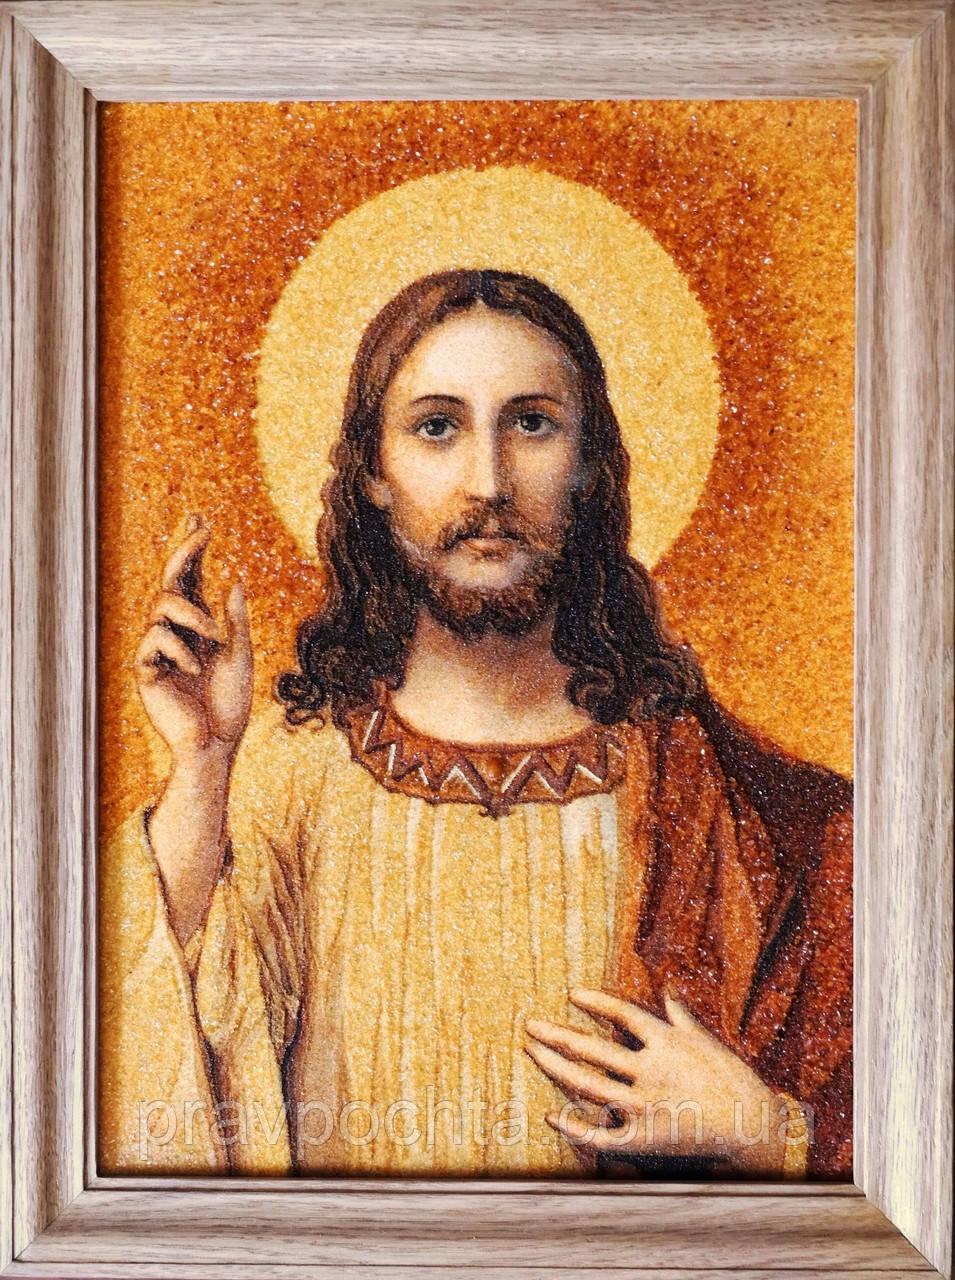 Спаситель. Икона из янтаря